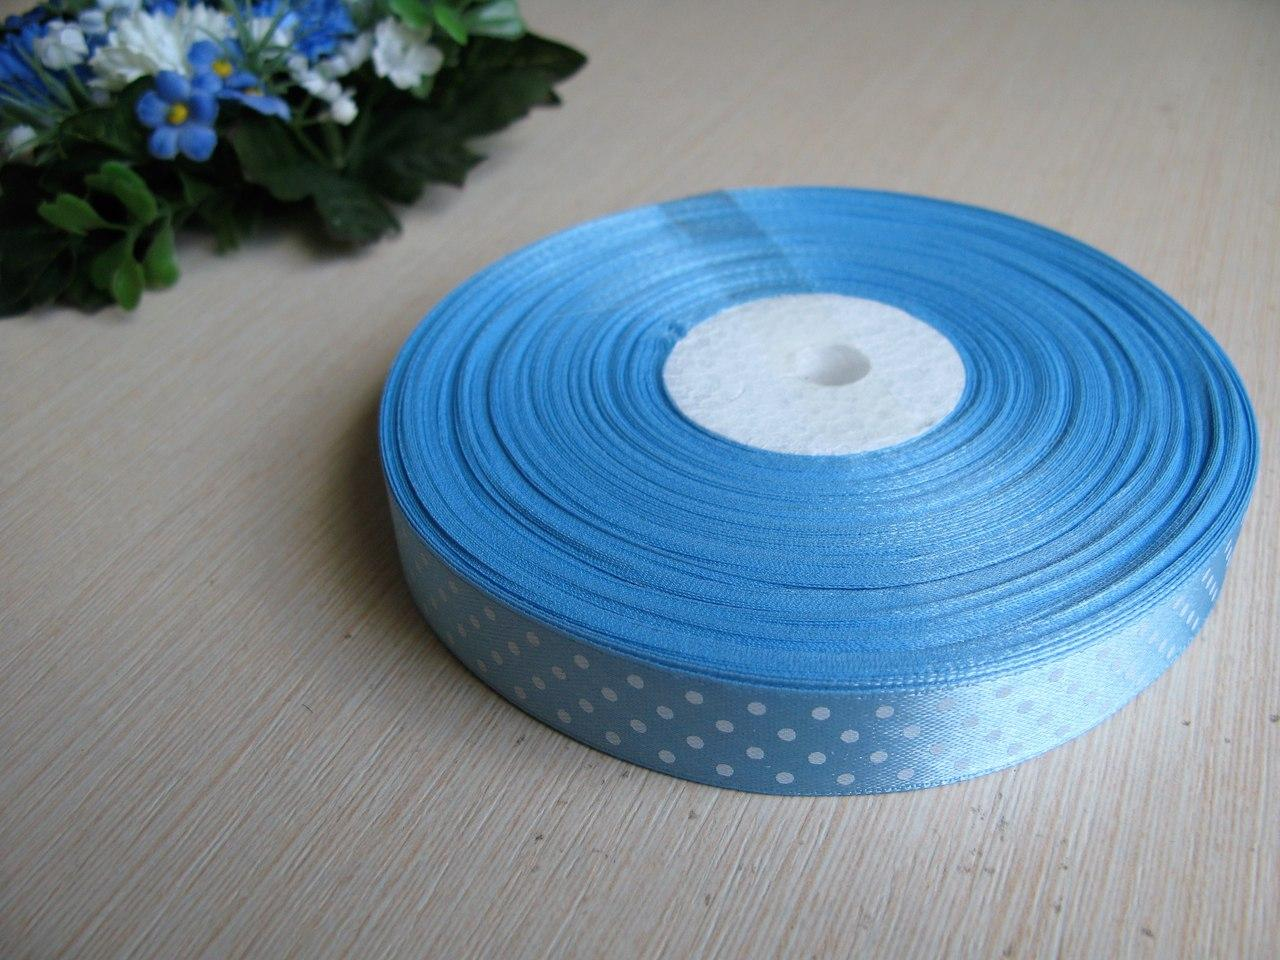 Лента в горох 1,5 см цвет - голубой